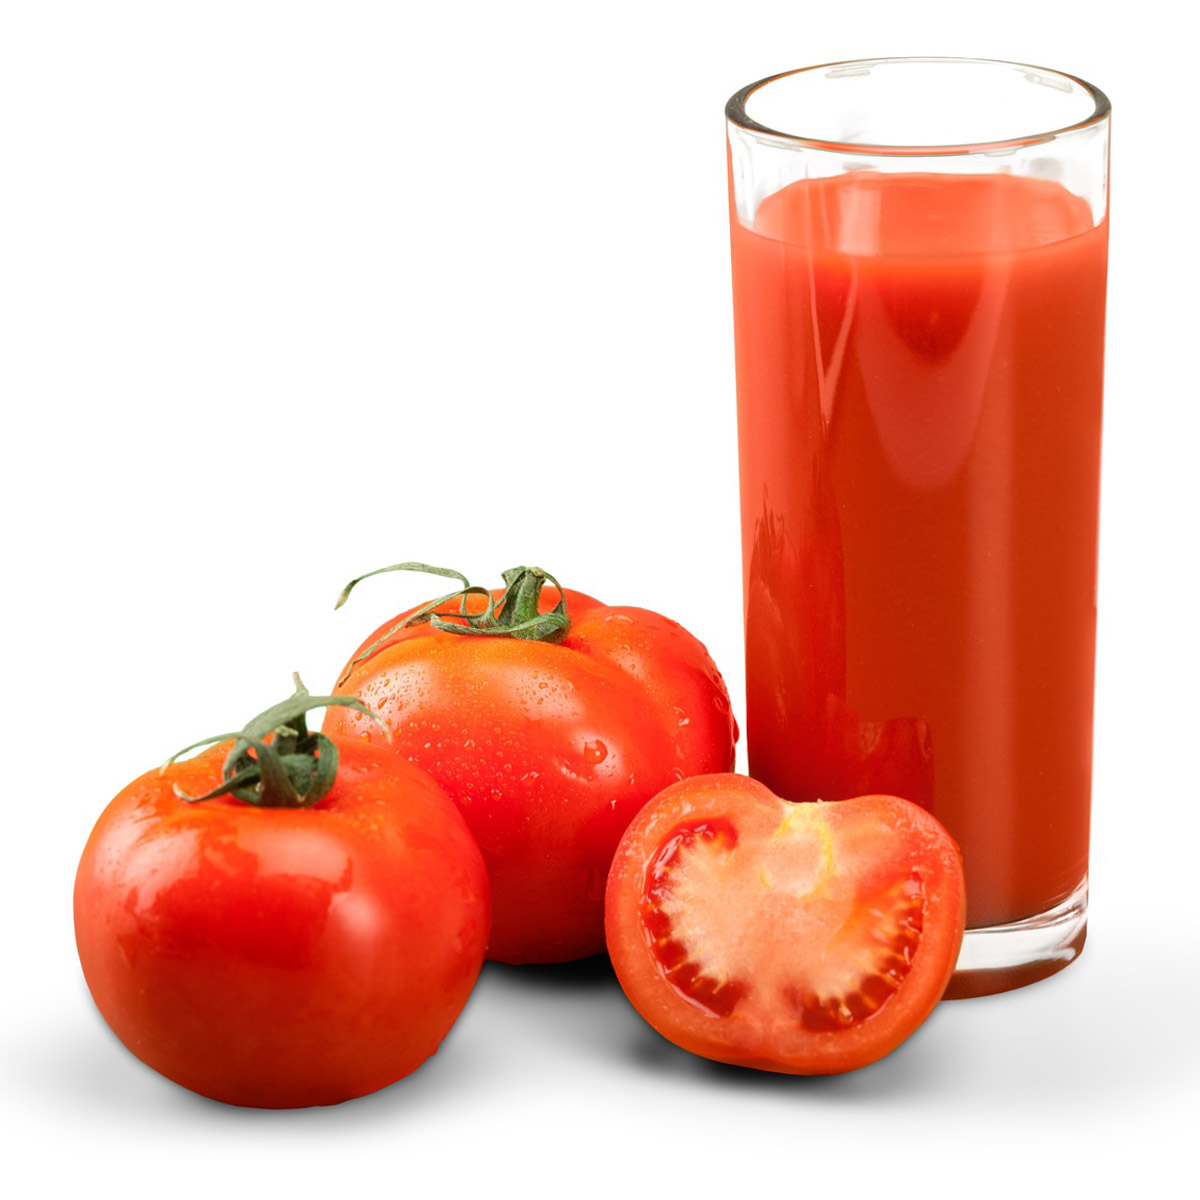 Vyrobte si prírodný dezodorant na vlasy z paradajkovej šťavy! Skutočne funguje aj proti tomu najneodstranitelnejšímu zápachu vlasov. V Amerike ho používajú dokonca na odstránenie zápachu z vlasov po skunkoch. A to už je čo povedať!